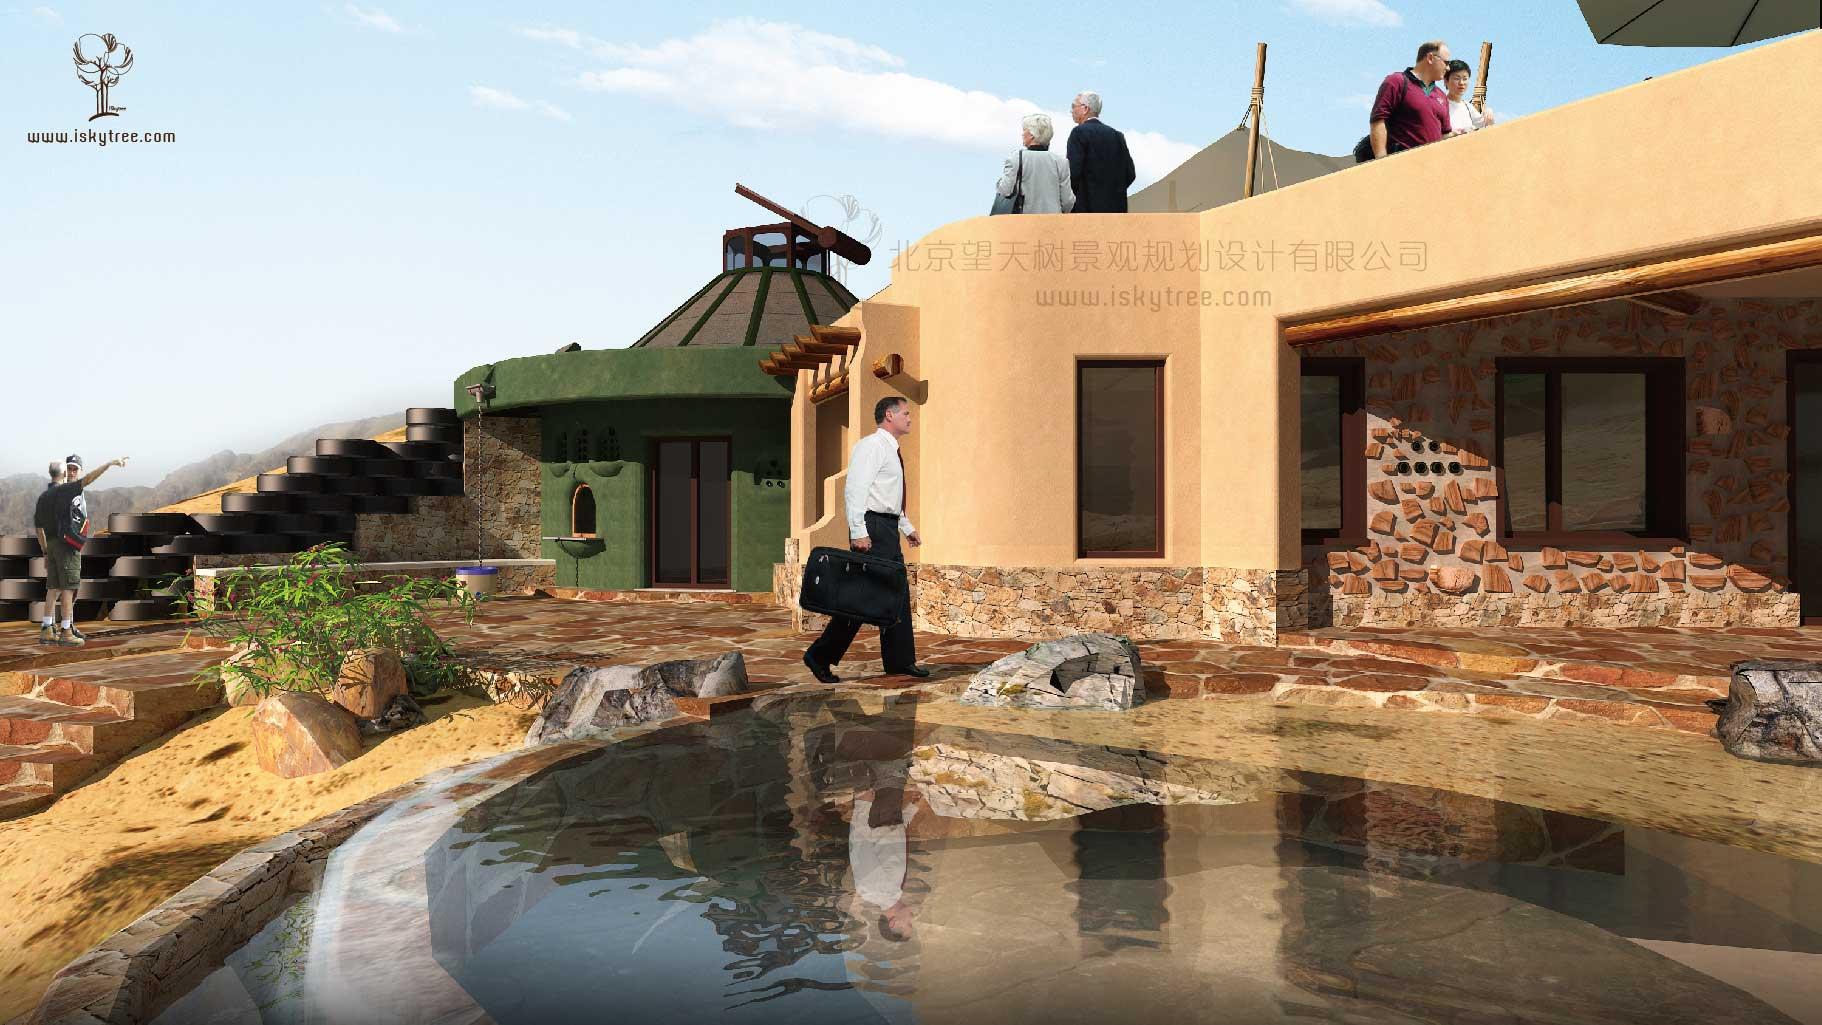 沙漠主题酒庄设计方案